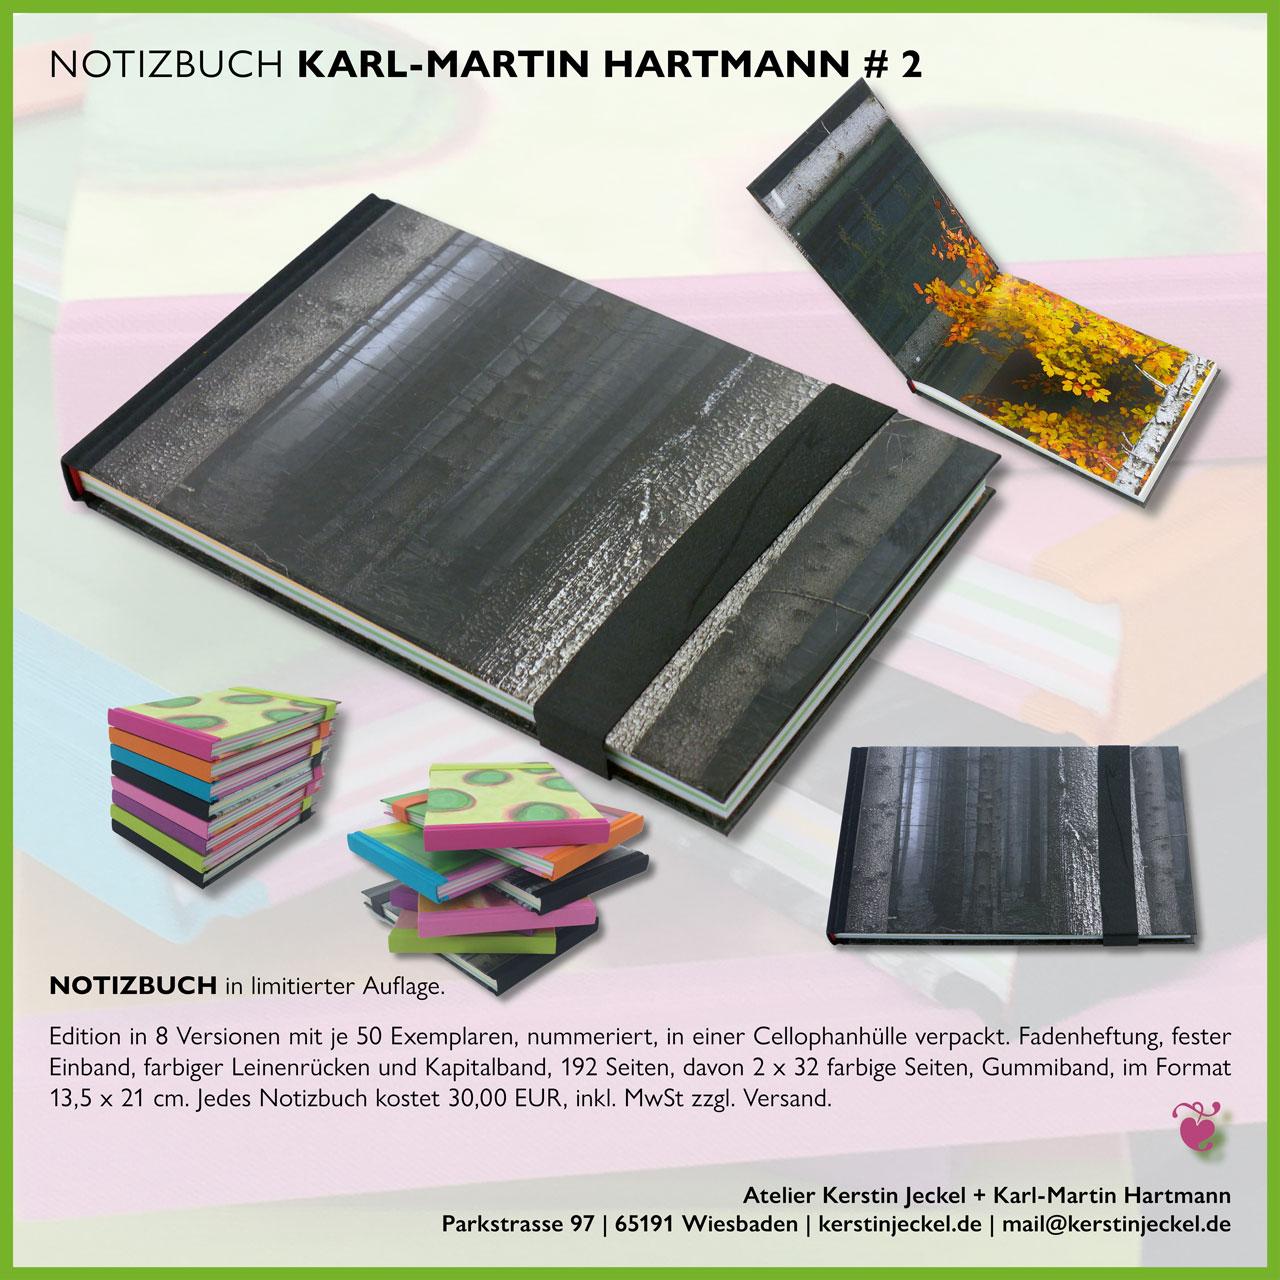 Karl-Martin Hartmann | Notizbuch # 2 | © Kerstin Jeckel | 2015